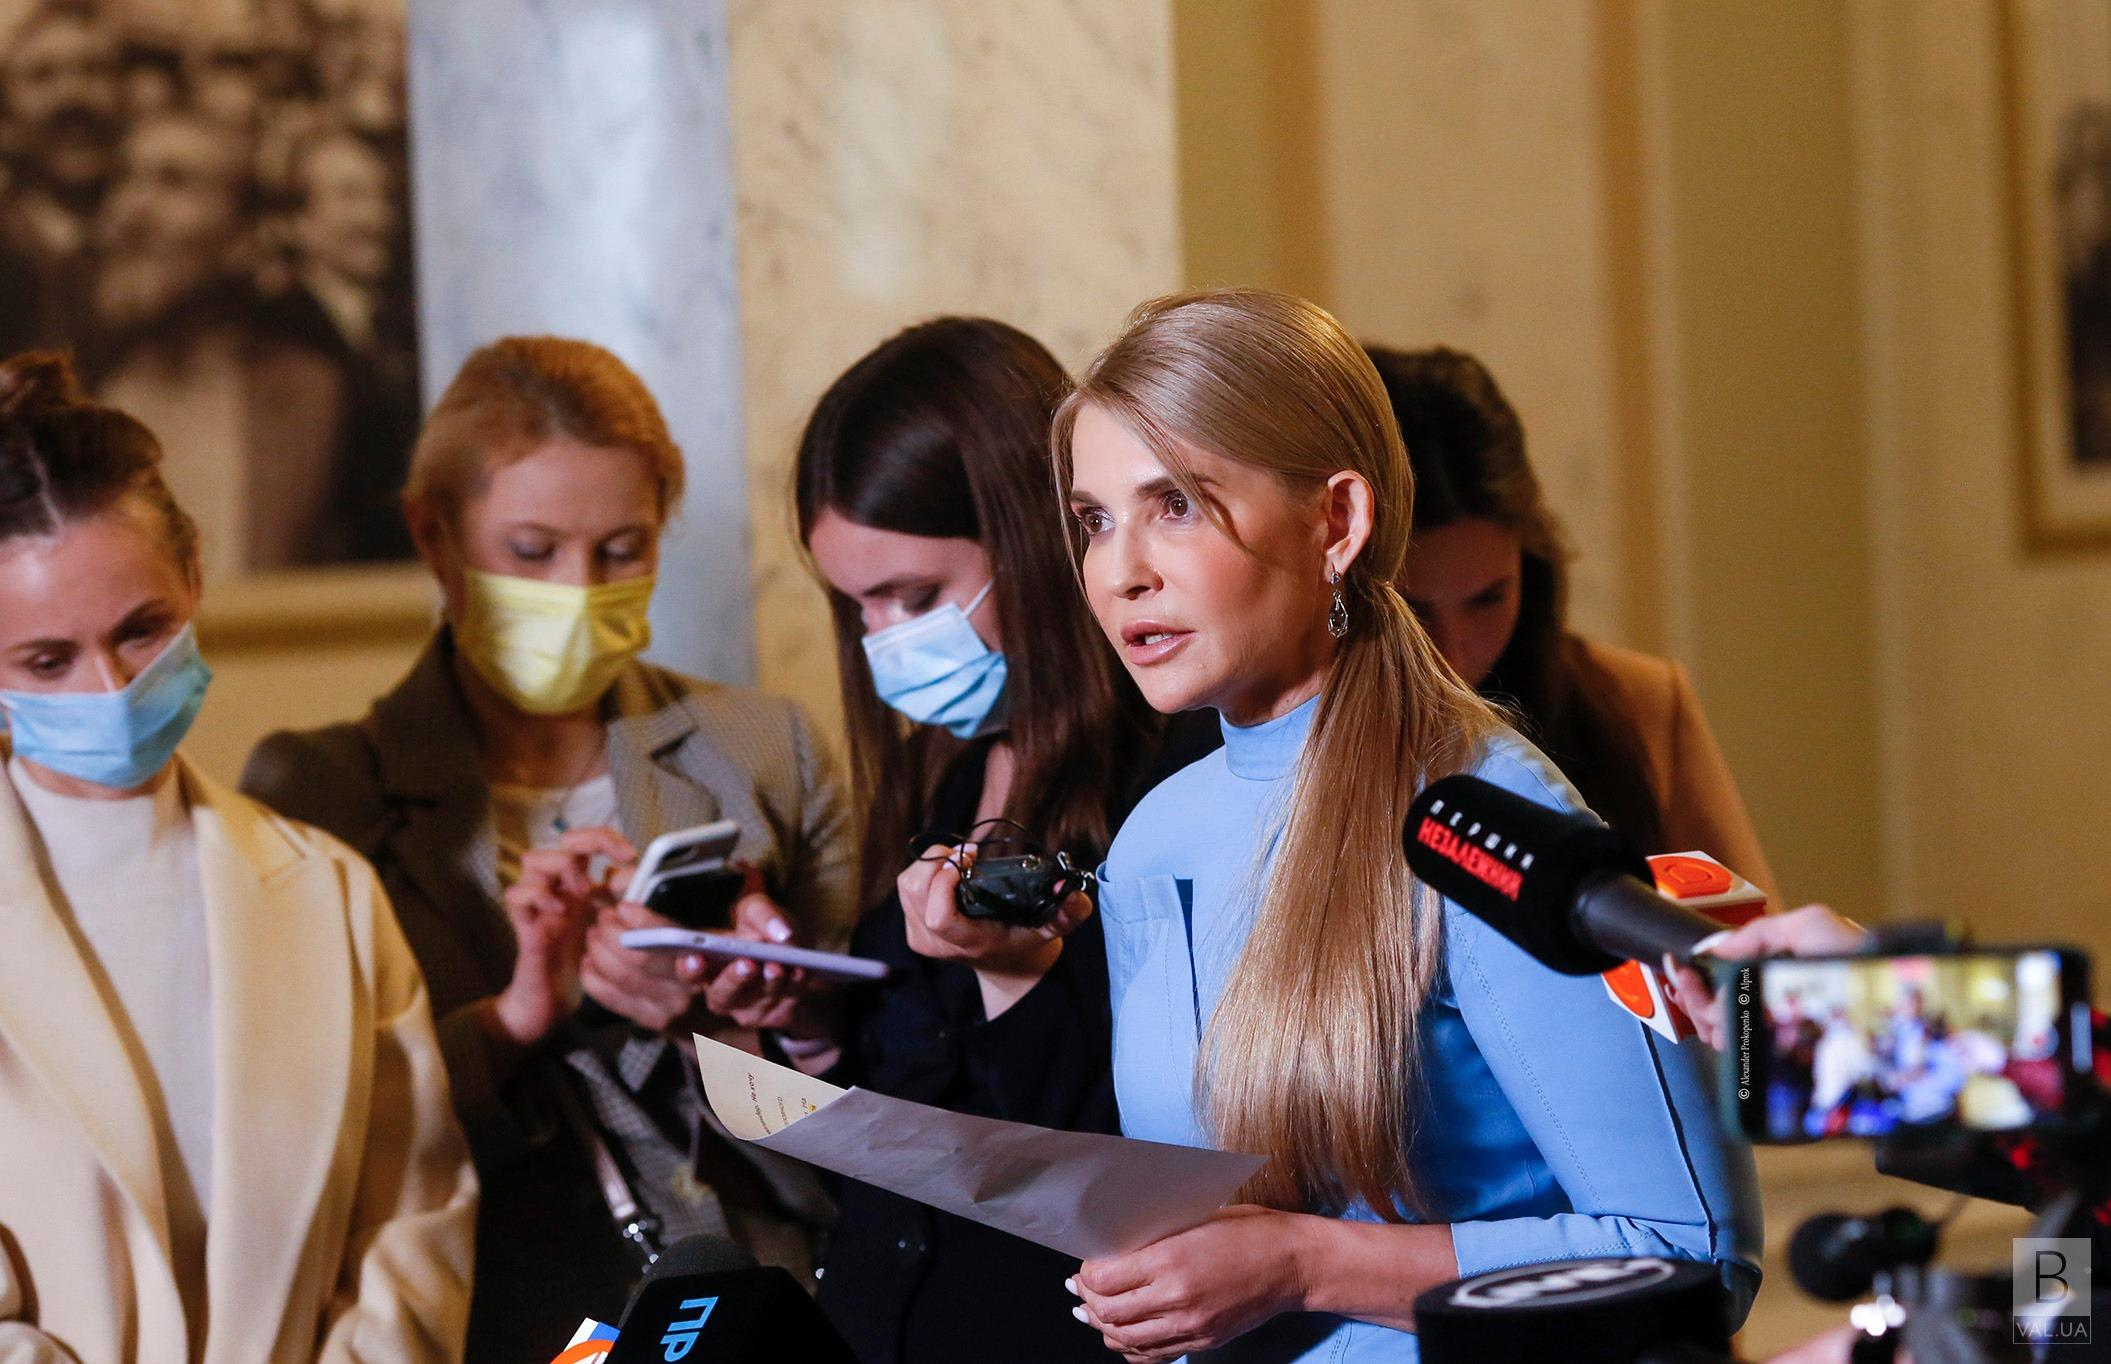 Українцям продають газ у 8 разів дорожче собівартості, – Тимошенко вимагає зупинити свавілля влади